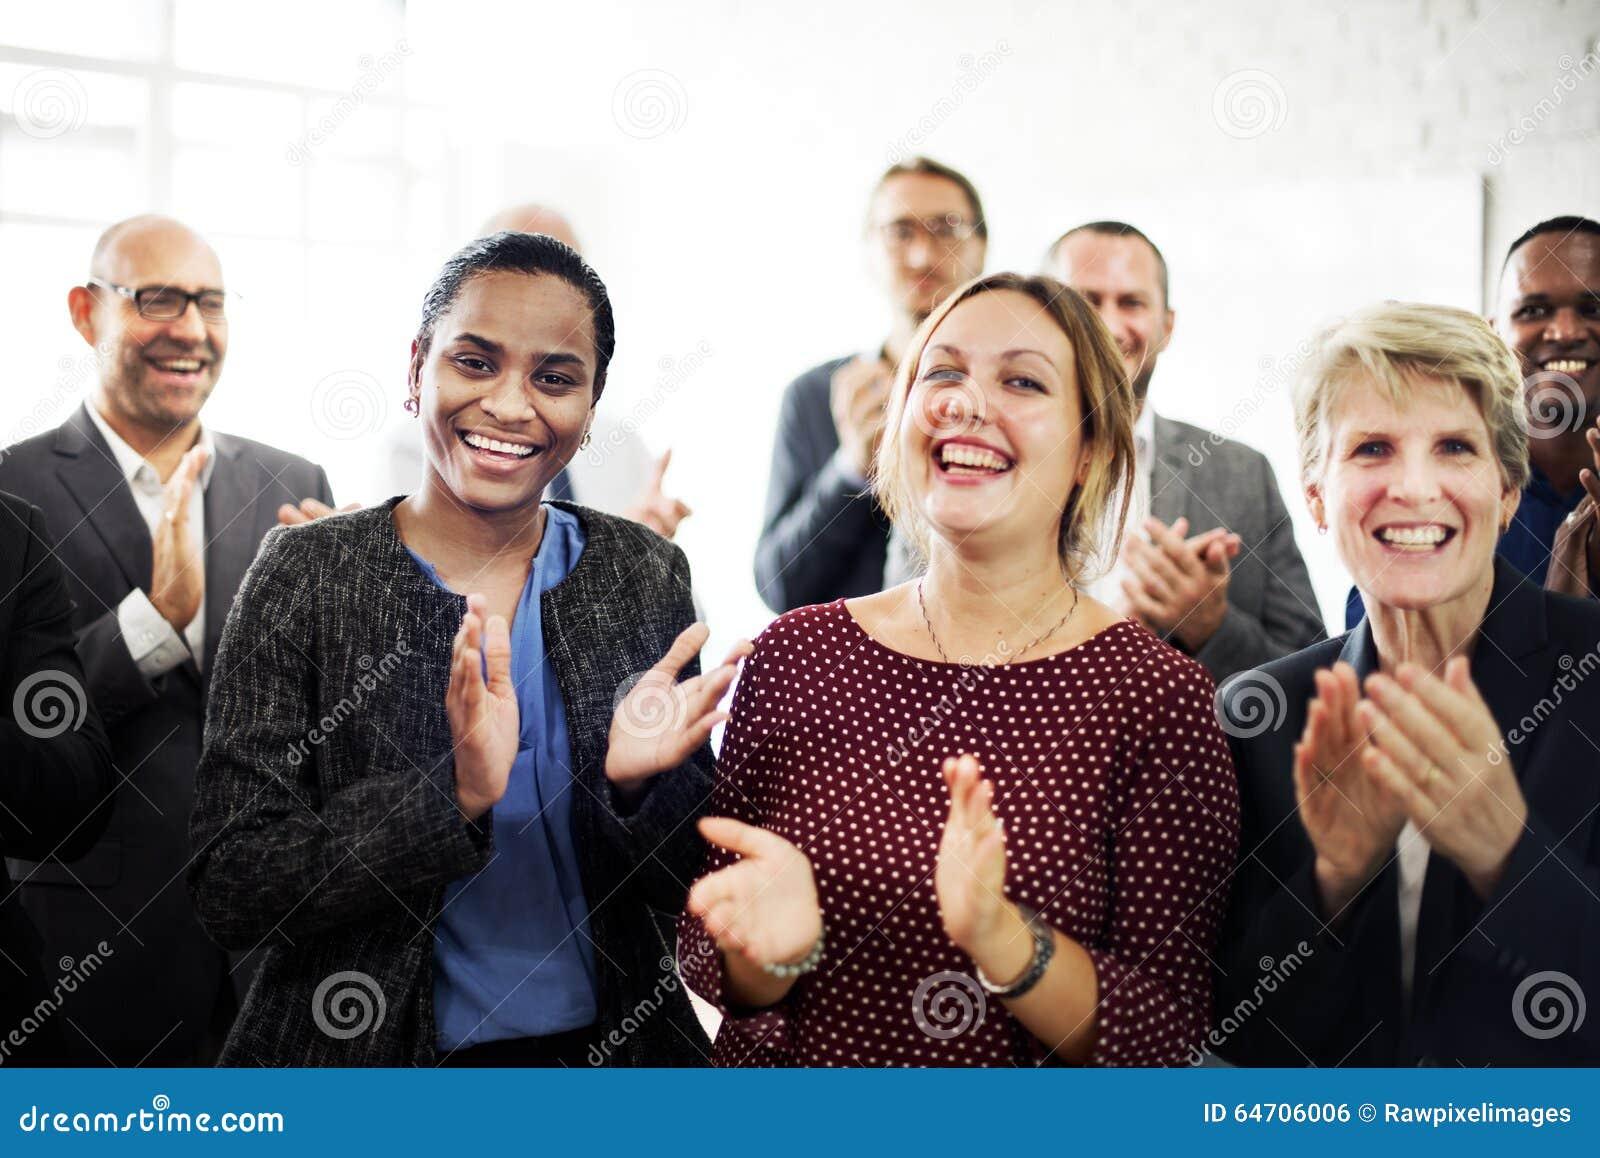 Bedrijfsmensen Team Applauding Achievement Concept